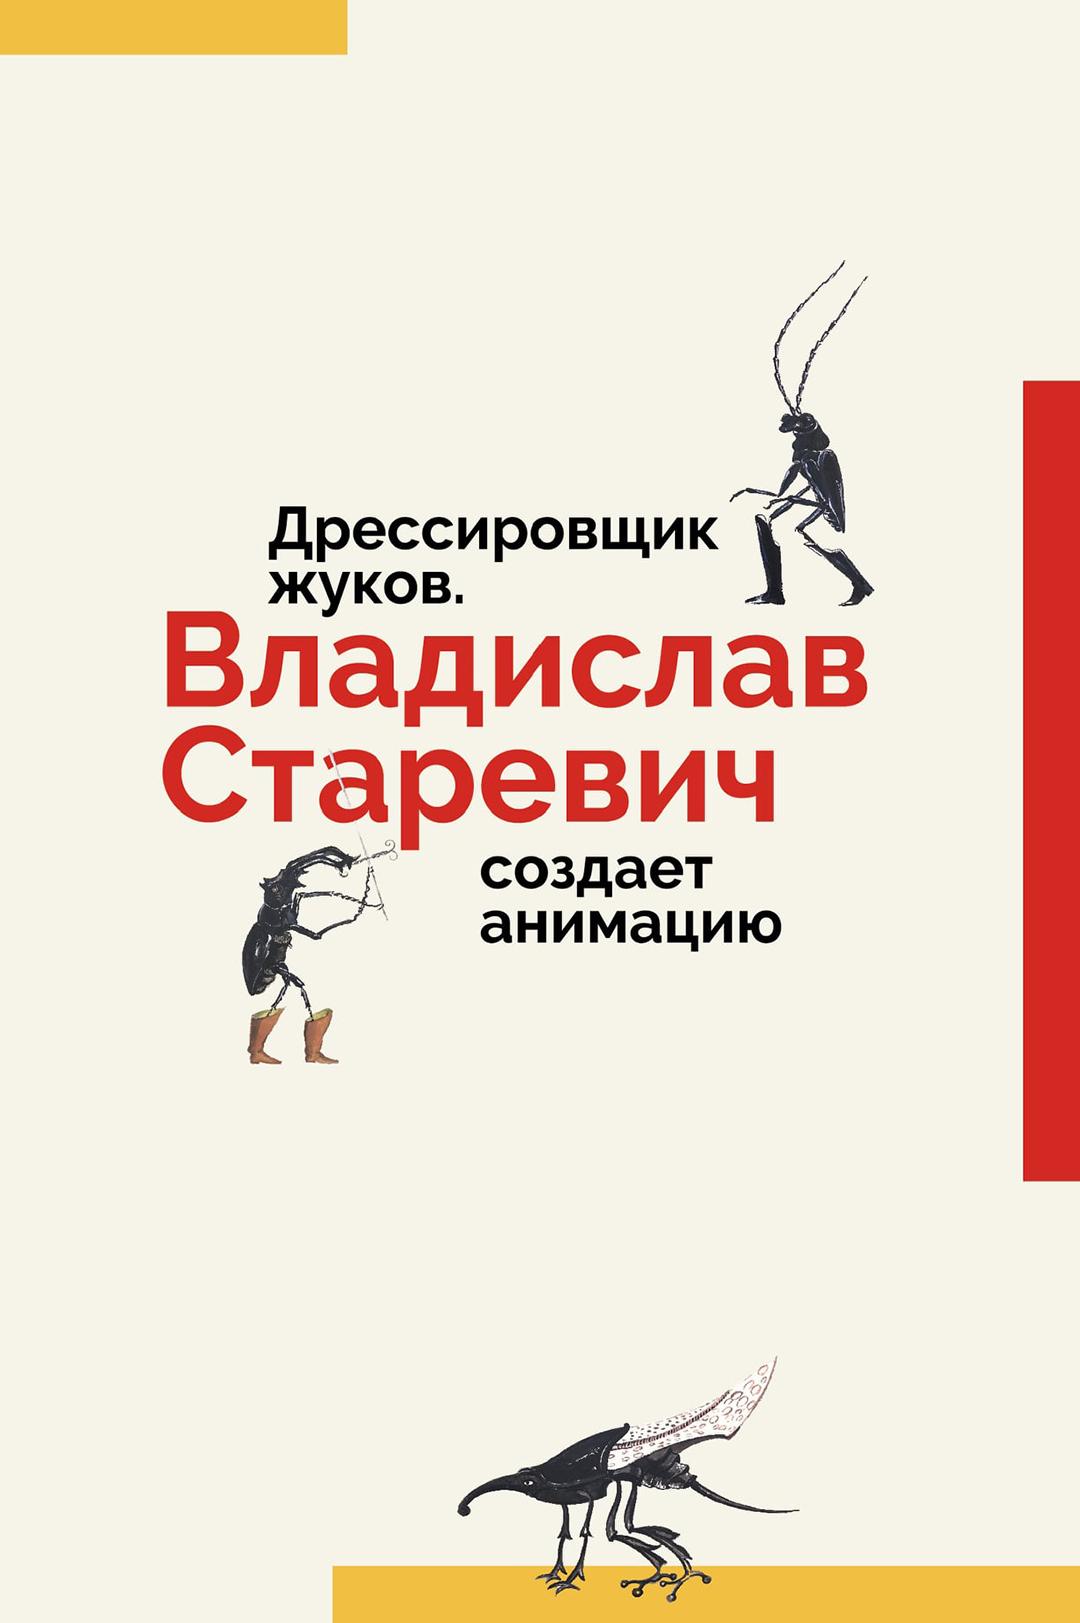 Книга «Дрессировщик жуков. Владислав Старевич создает анимацию»